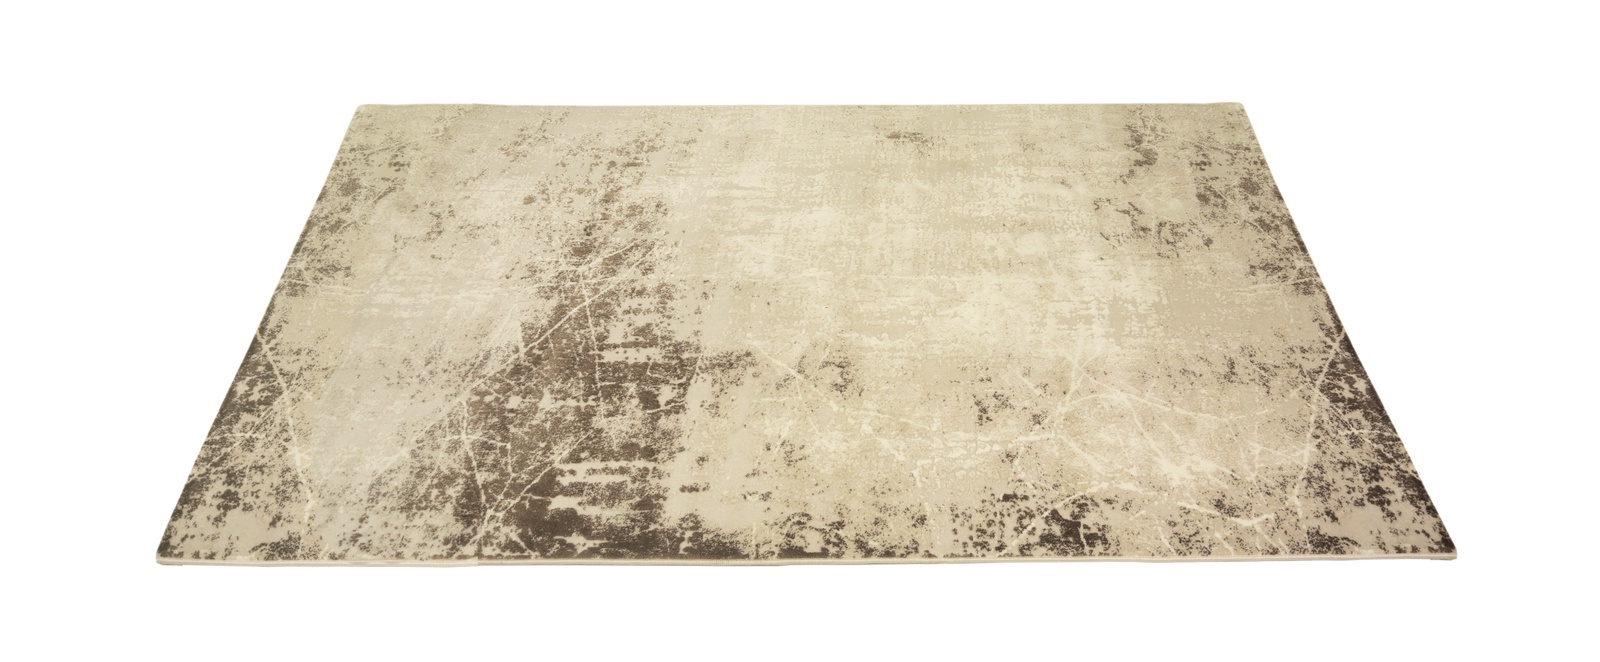 лучшая цена Ковер MADONNA 1,5х2,30/прямоугольник/89022А/беж-коричневый